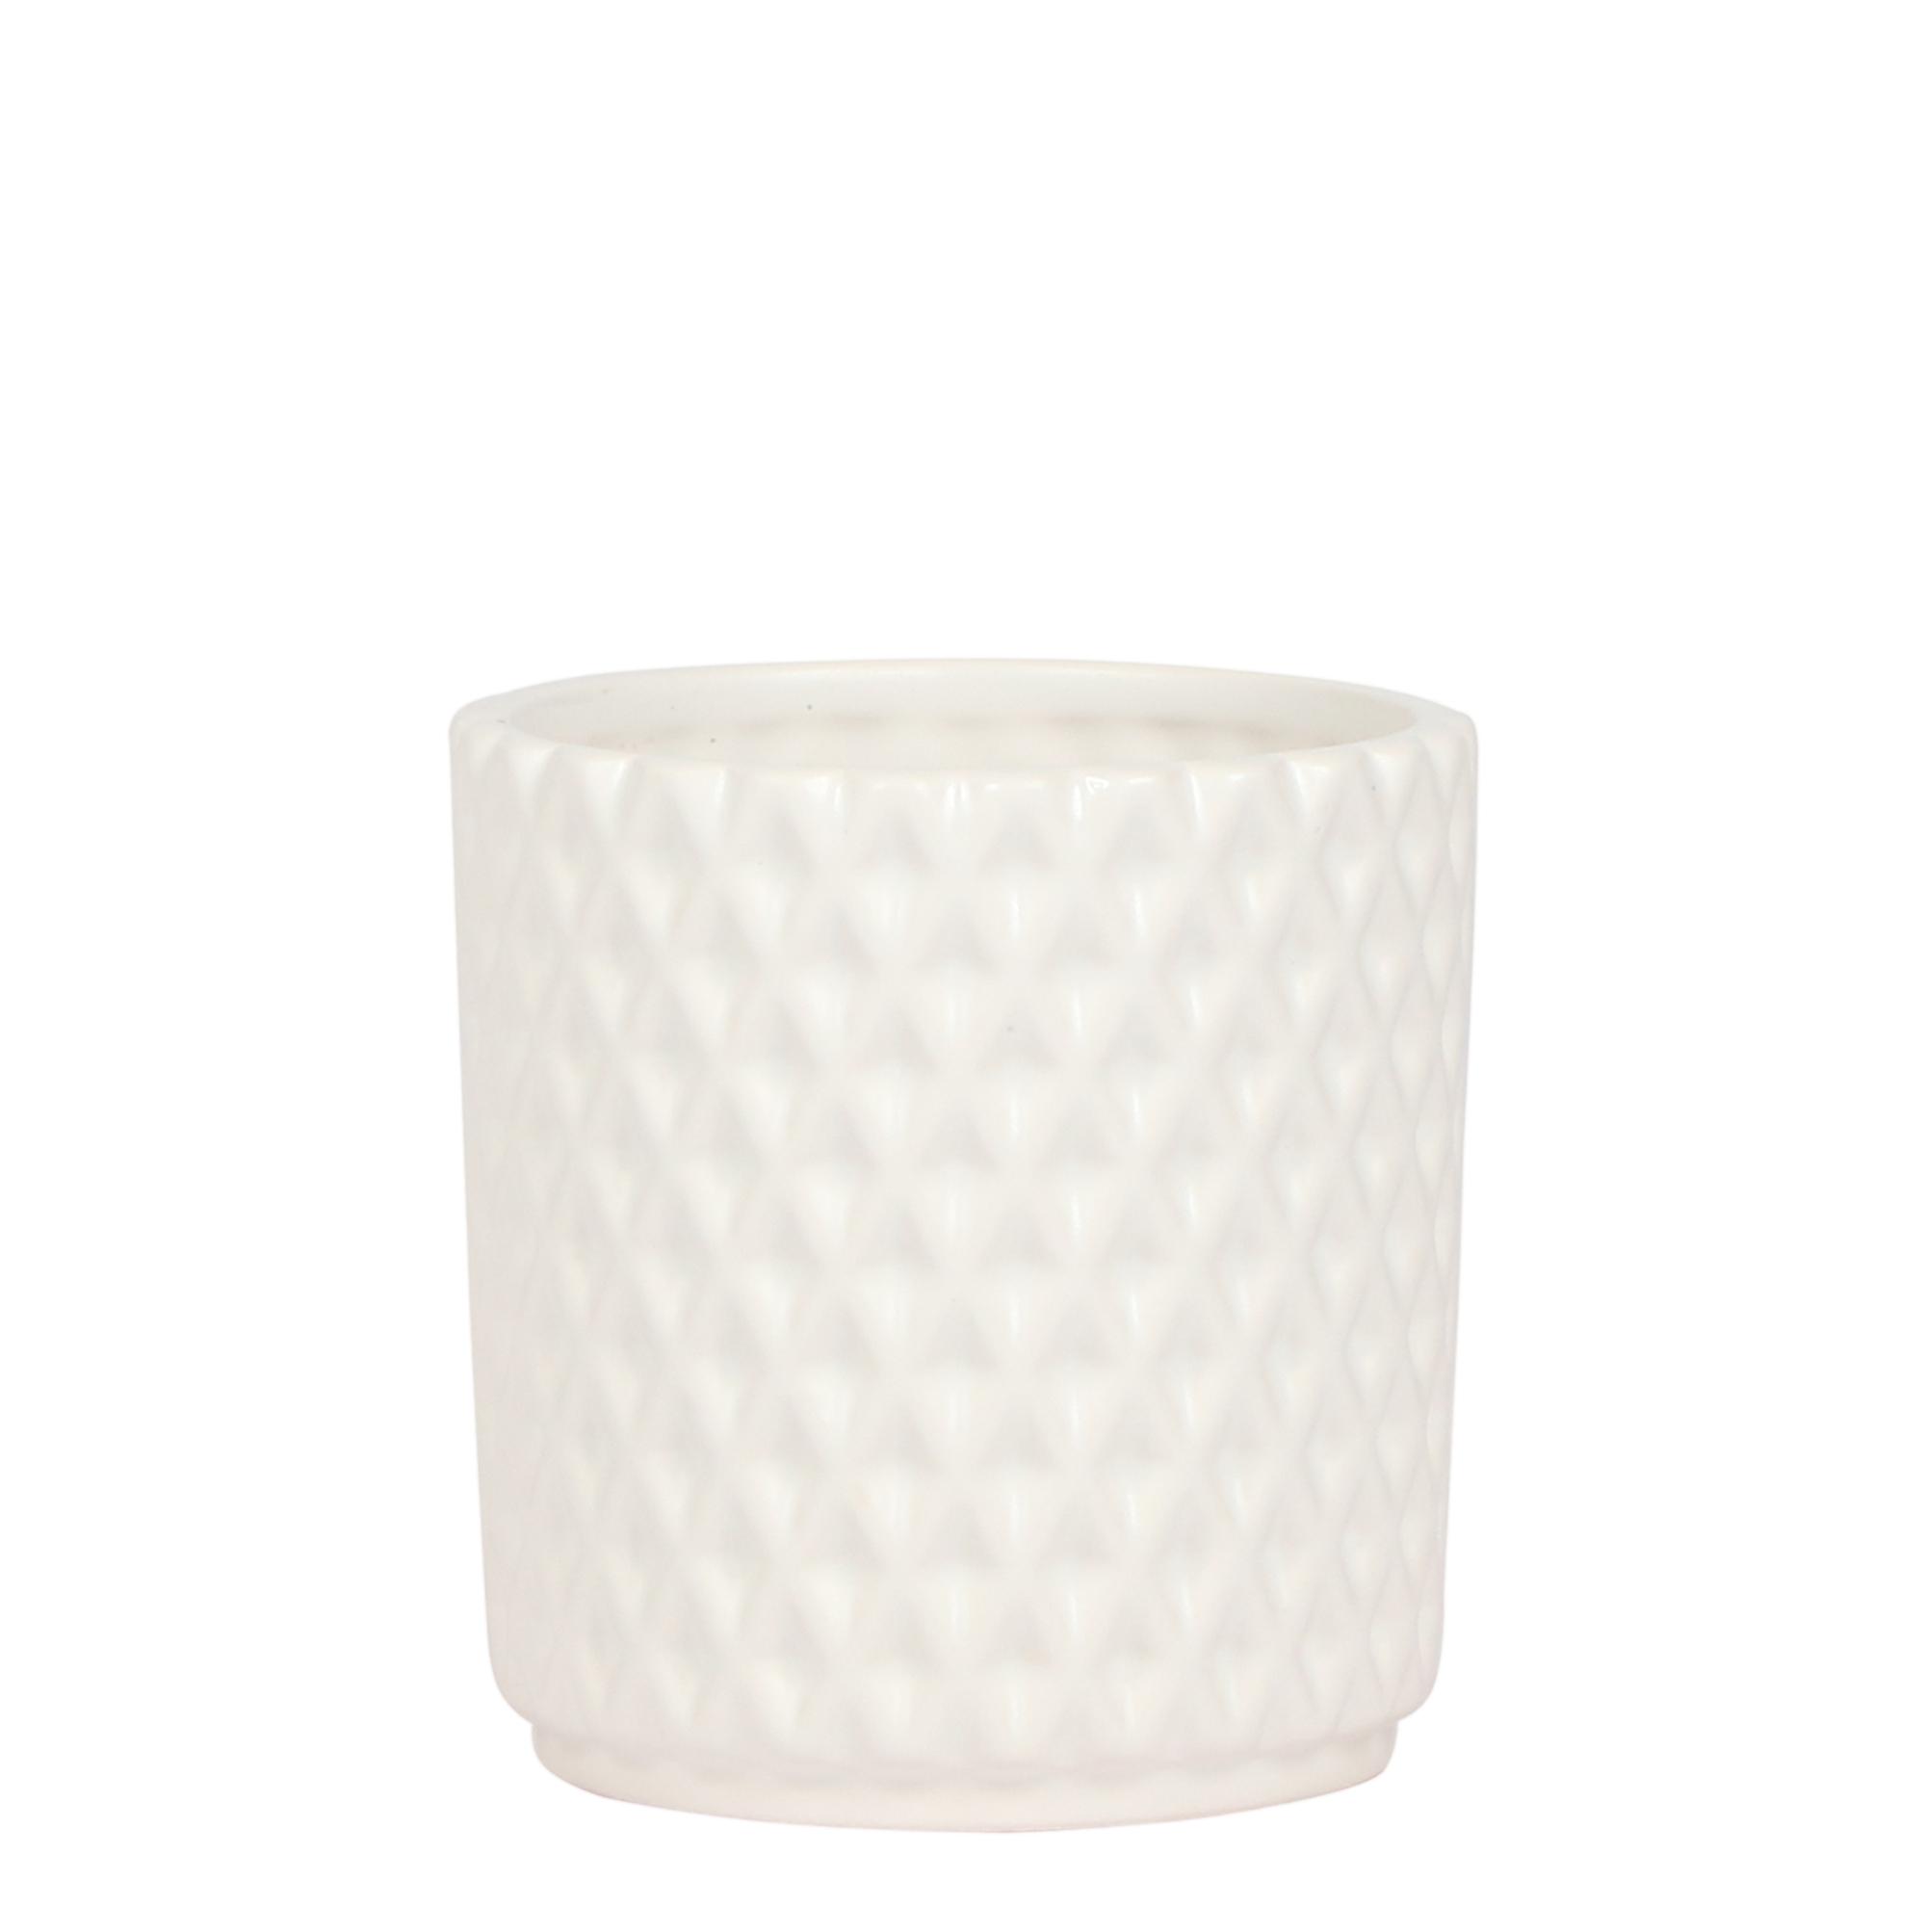 Kolibri Home - bloempot sierpot pot diamond pot white 9cm